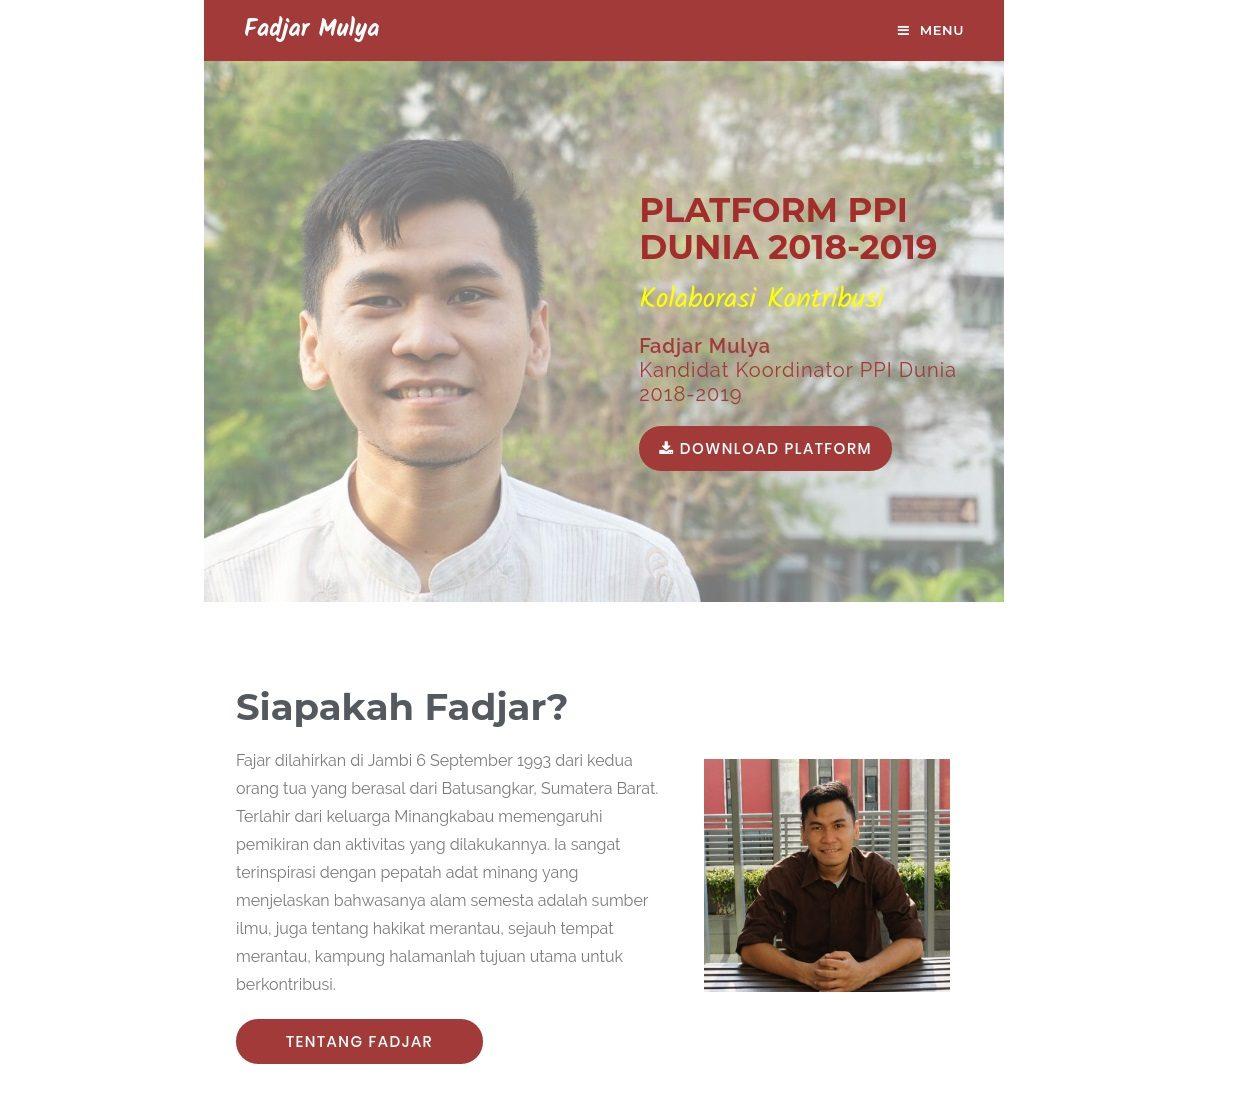 Digital Campaign Fadjar Mulya for PPI Dunia 2018